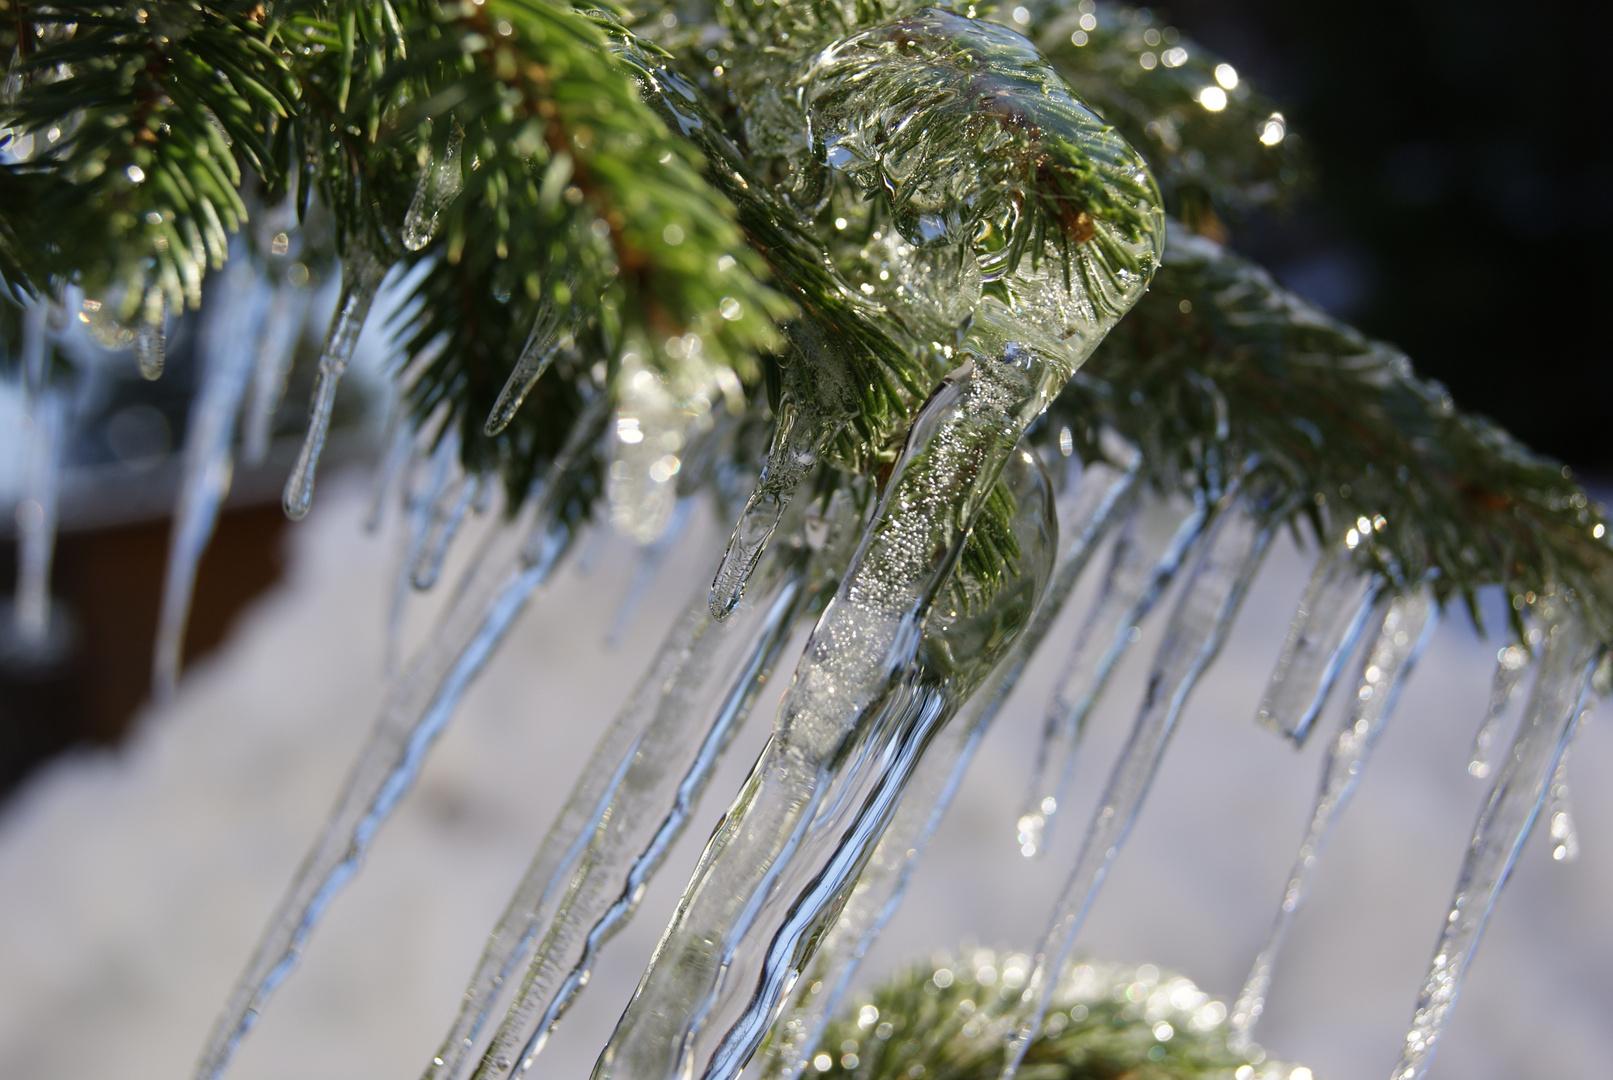 väterschen frosts kleine kunstwerke